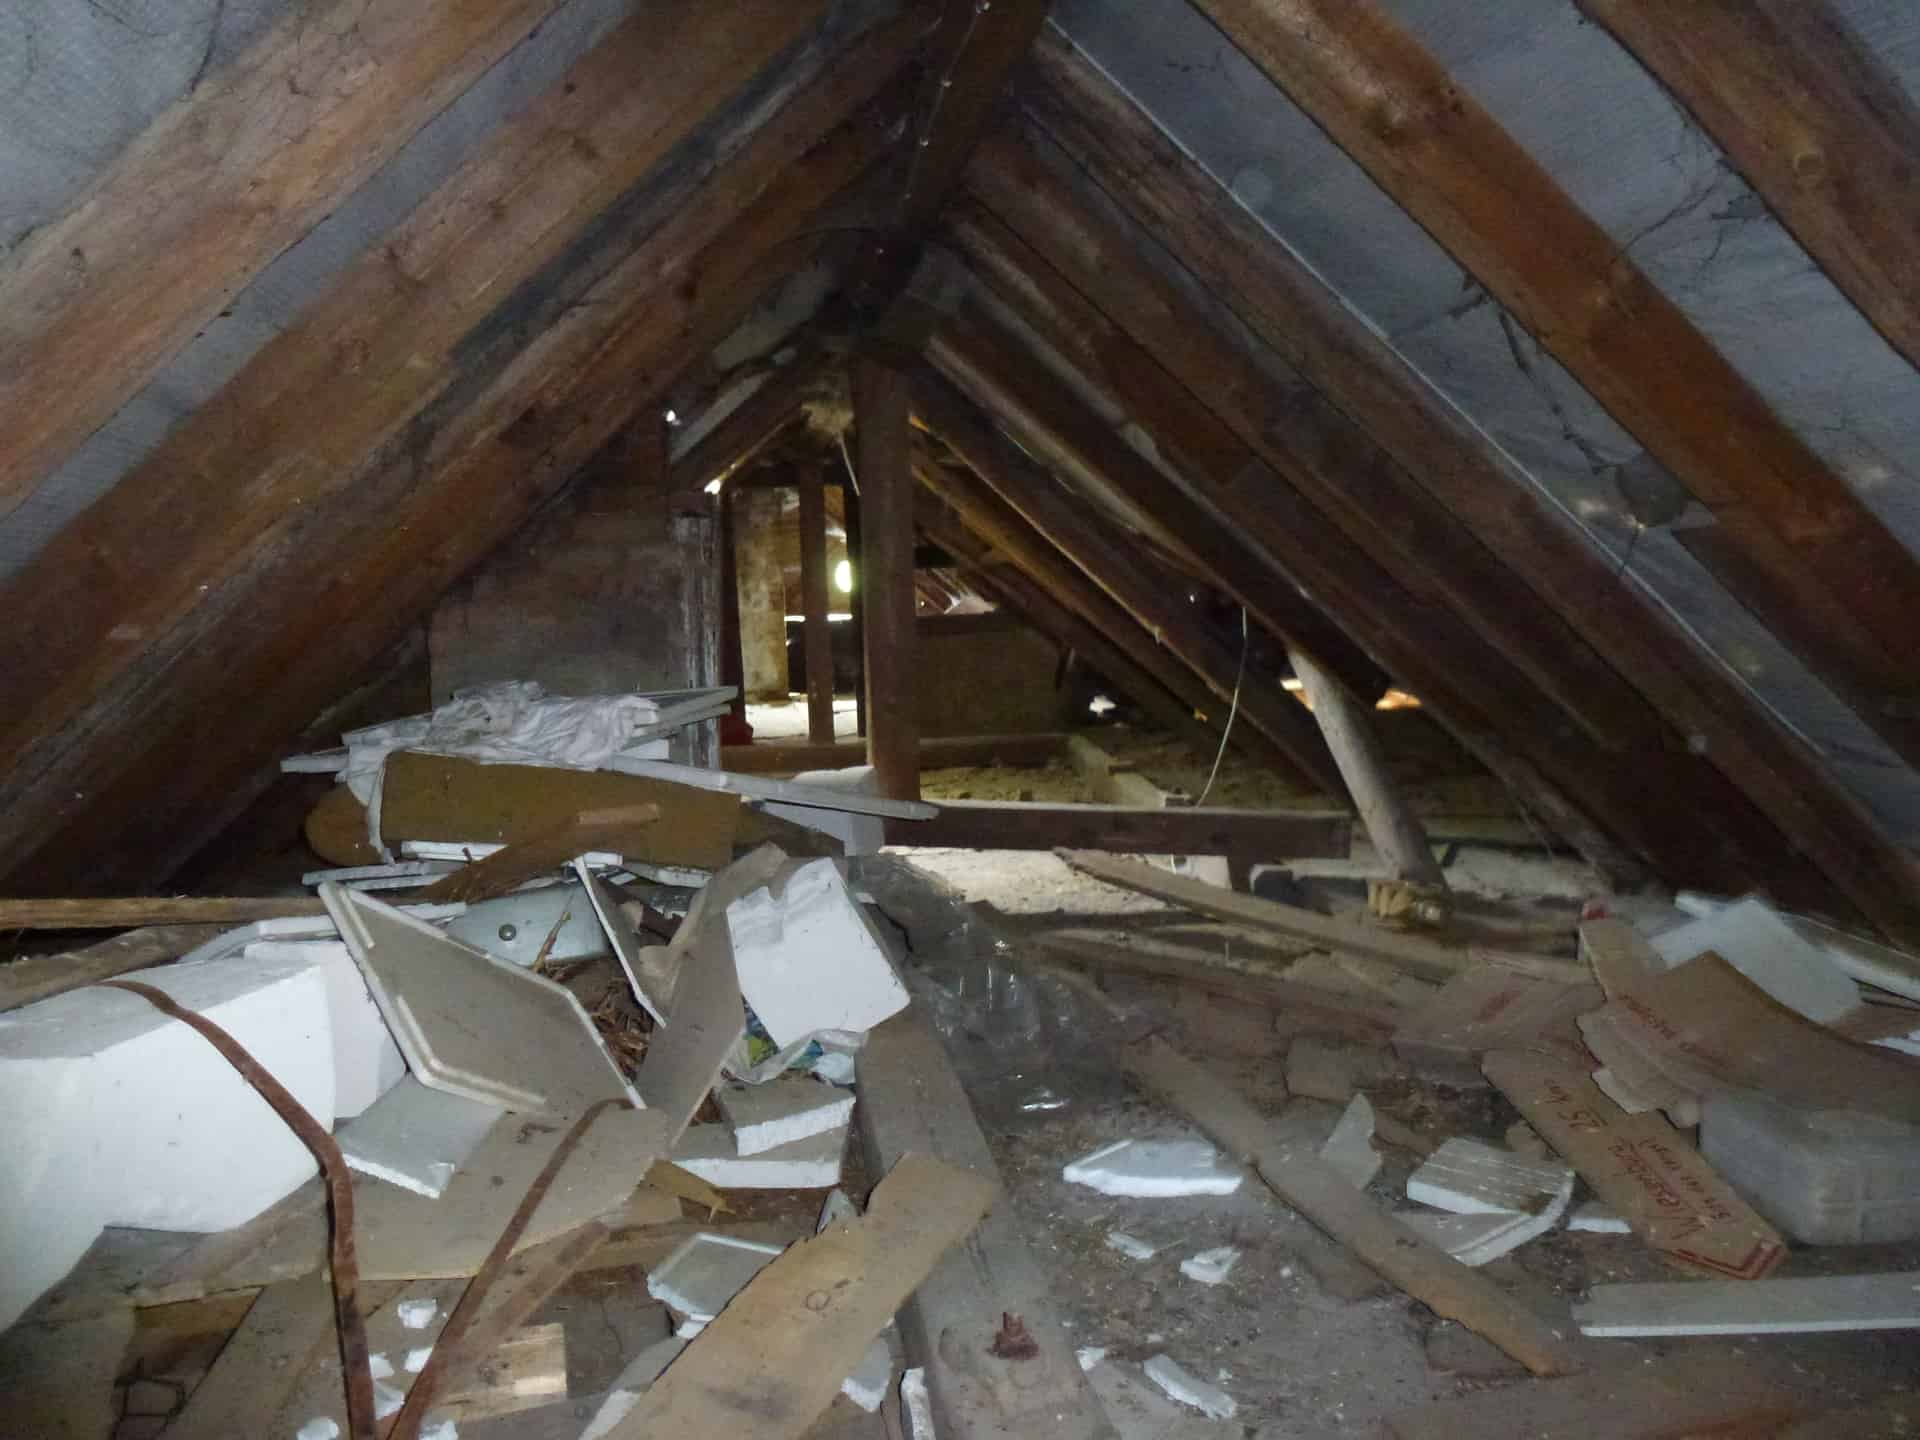 Anspruchsvoll Dachboden Das Beste Von Der Vor Der Sanierung. Foto: Bürgerschaft En